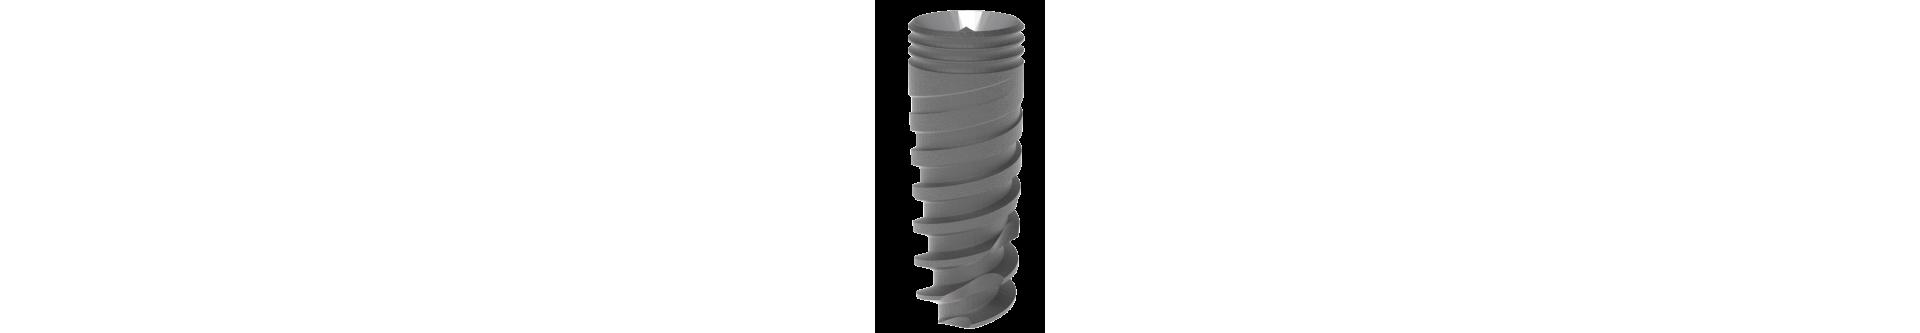 implant maer spiral